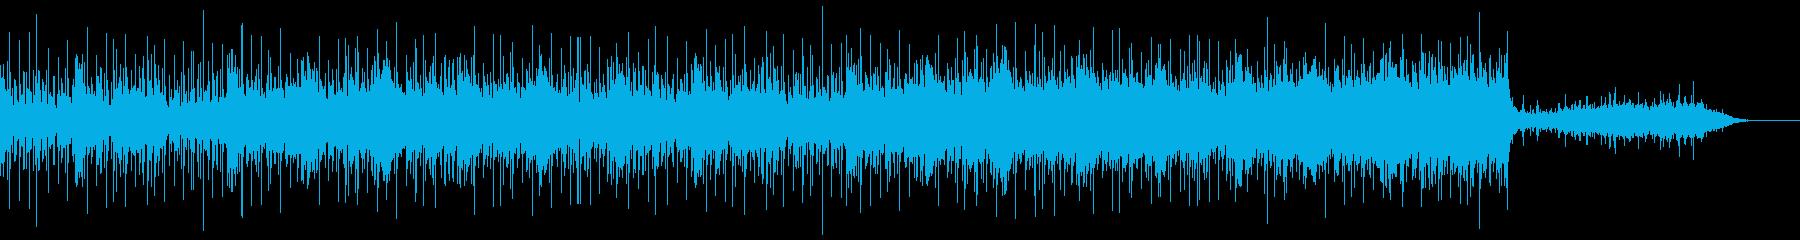 ポップ サスペンス 静か クール ...の再生済みの波形